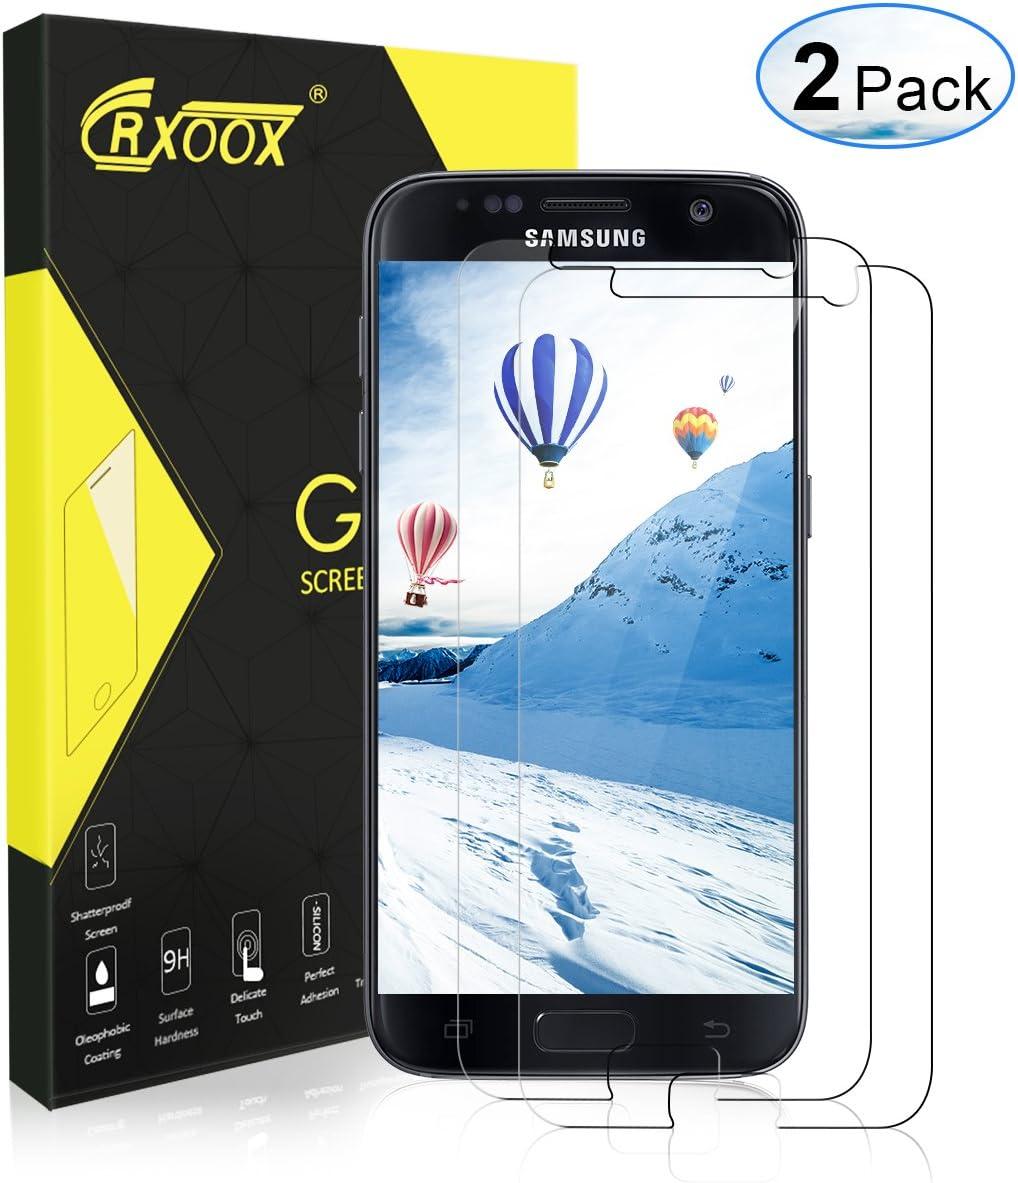 CRXOOX Protector de Pantalla para Samsung Galaxy S7, [2 Unidades], Anti-Aceite, Arañazos, Ampollas y Huellas Dactilares, HD, Dureza 9H, 0.33 mm: Amazon.es: Electrónica